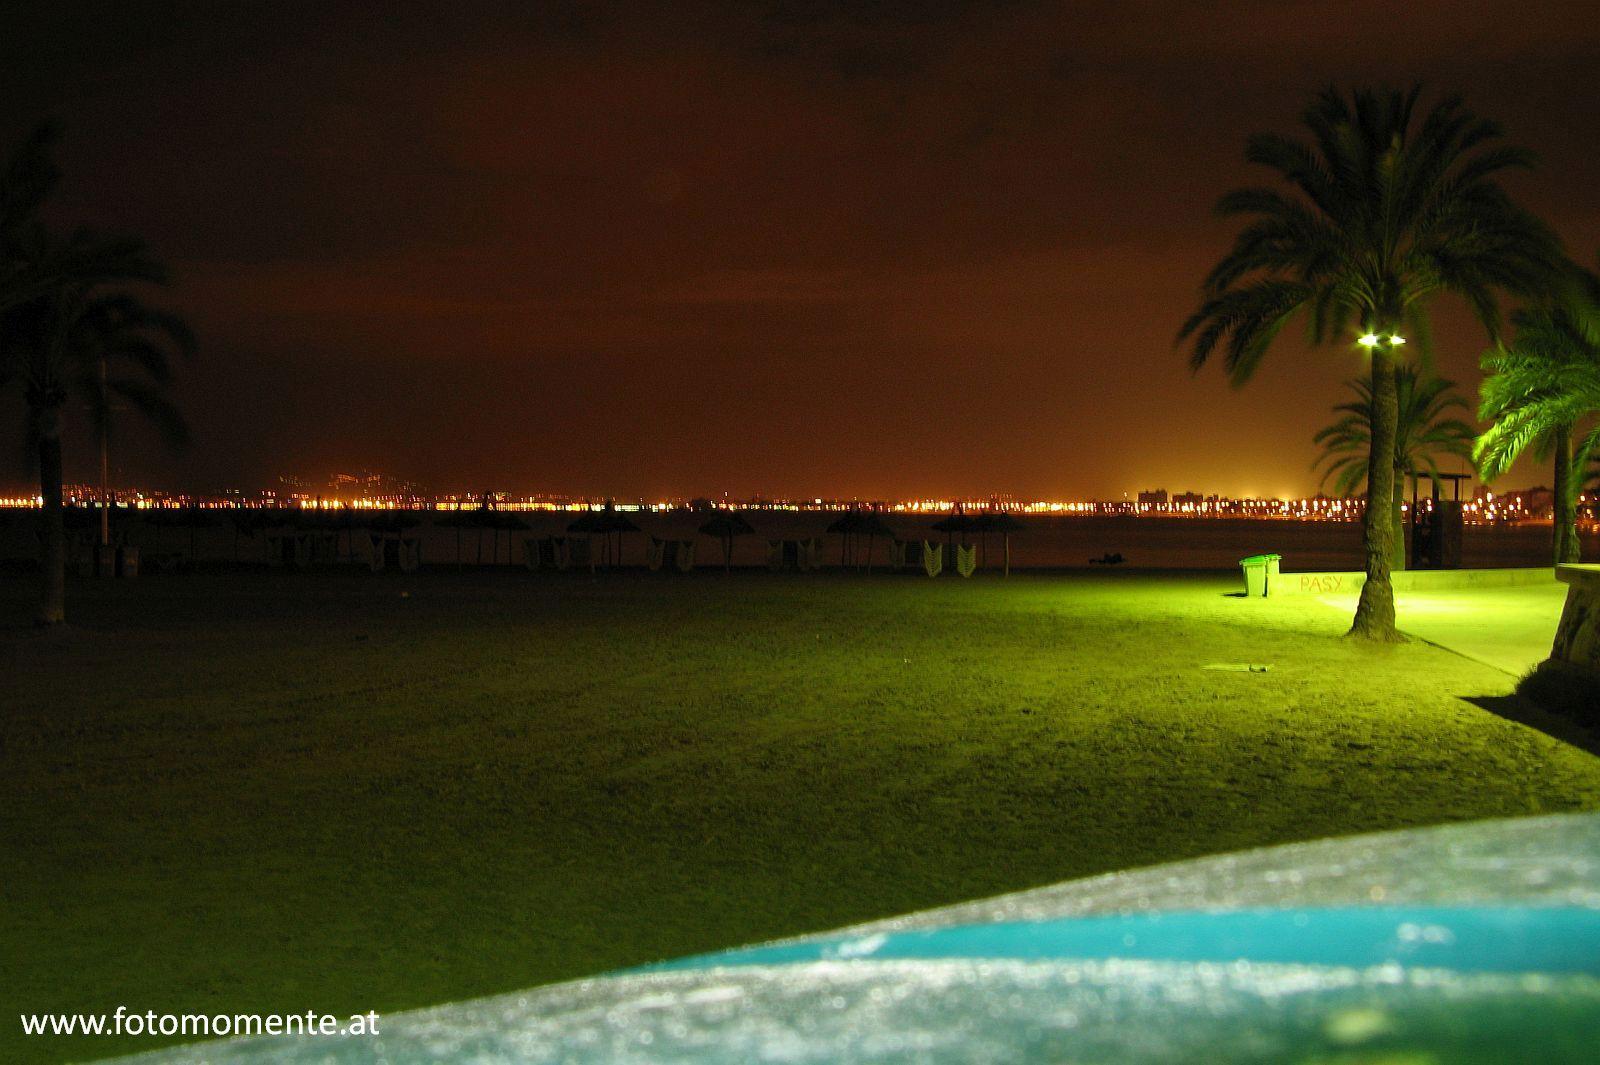 mallorca sarenal strand meer palme nacht - Strand in der Nähe des Hafens von El Arenal - Mallorca bei Nacht